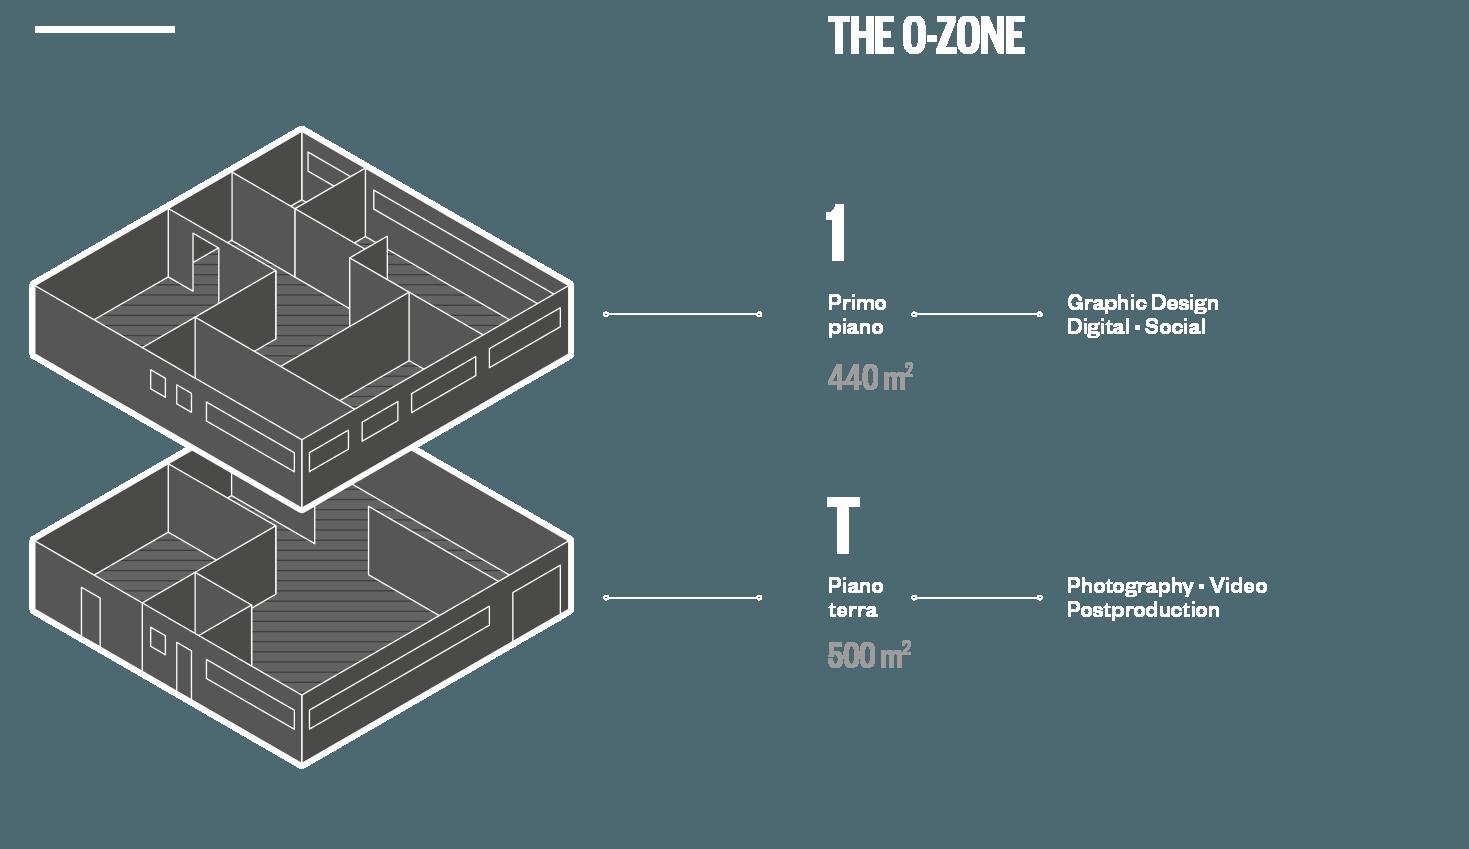 struttura o-zone